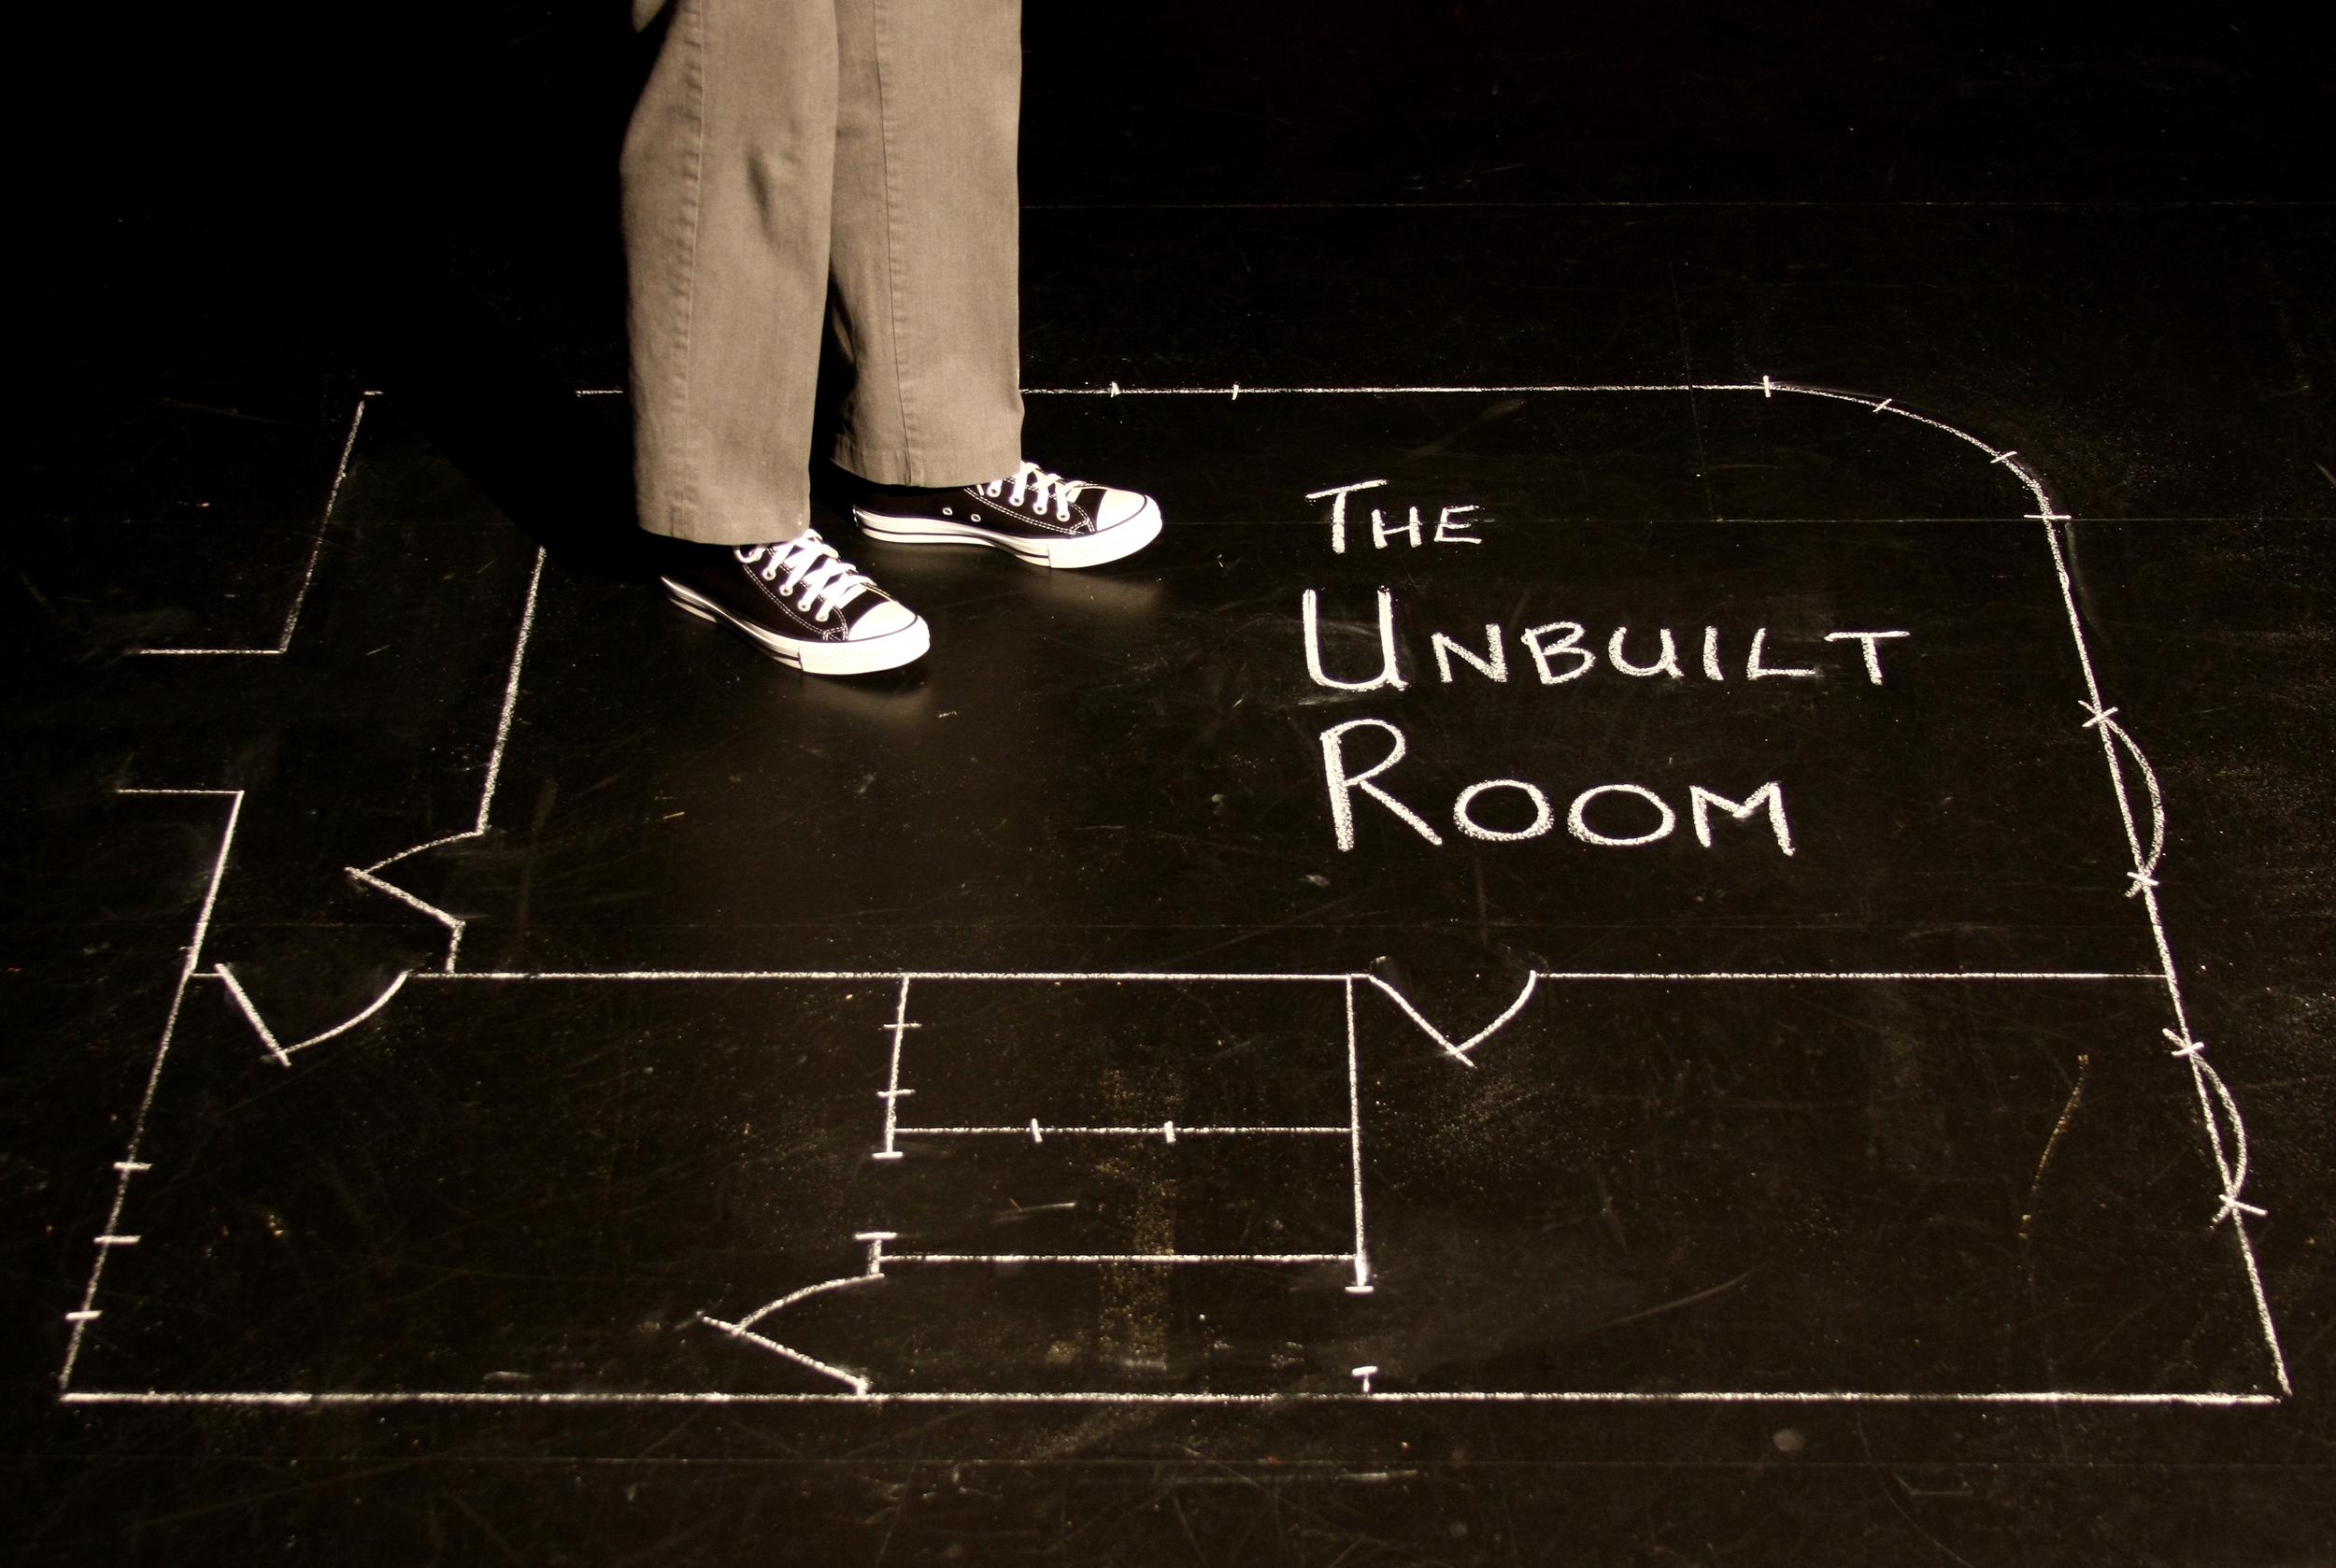 Unbuilt Room - title copy.JPG